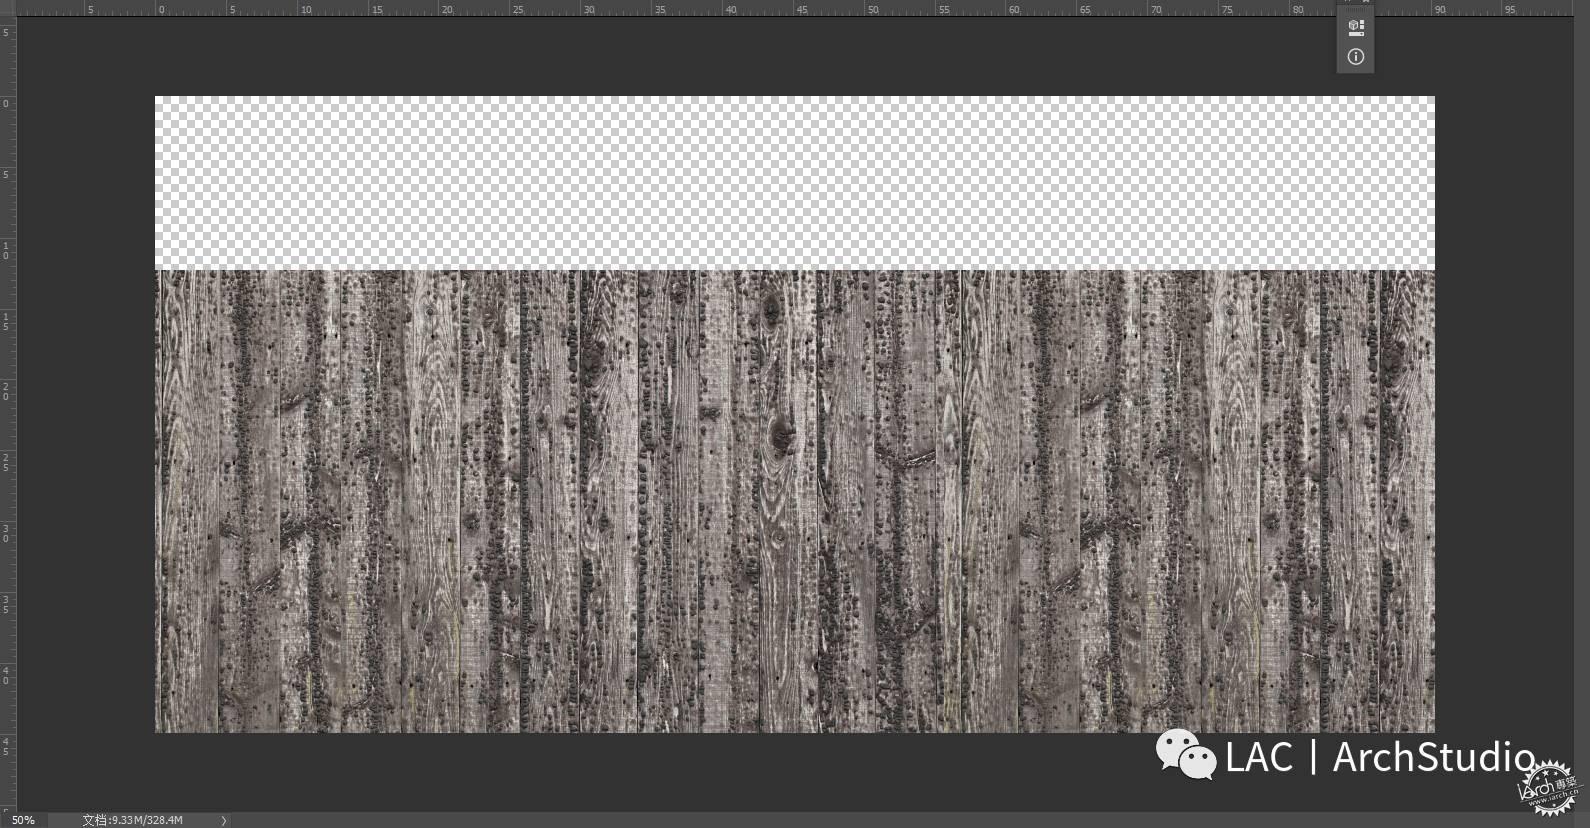 之后进行建筑地下部分的绘制,导入一张木板贴图